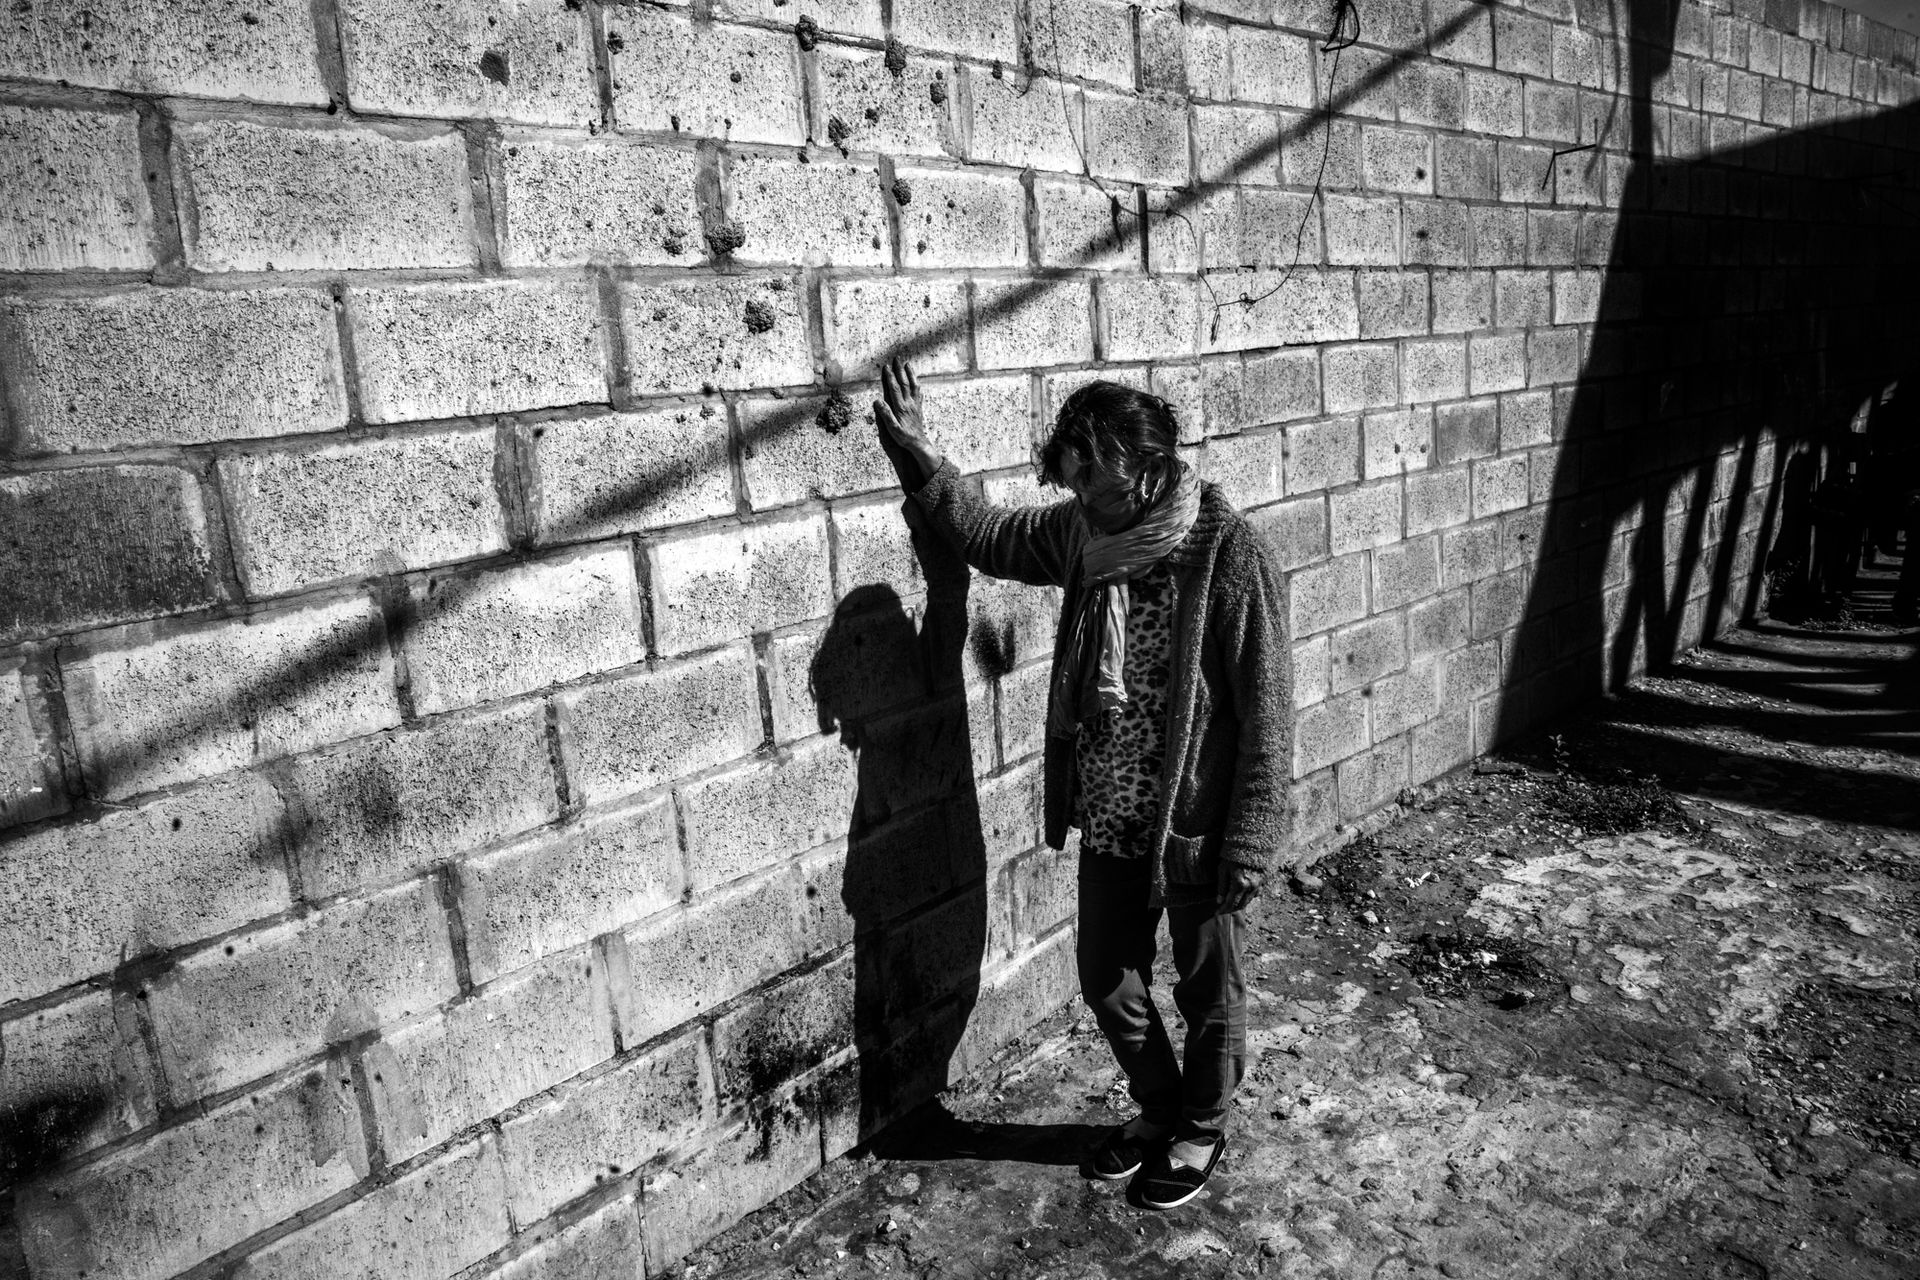 """Lorenza Martínes tiene 60 años y raíces guaraníes. Vive en la casa 215, manzana 12. Resiste el desalojo en plena cuarentena: """"¿Dónde están mis derechos, dónde está la ley? Ellos, los del Gobierno, creen que porque somos pobres queremos plata. Yo no pido plata, lo que no quiero es quedar en la calle."""